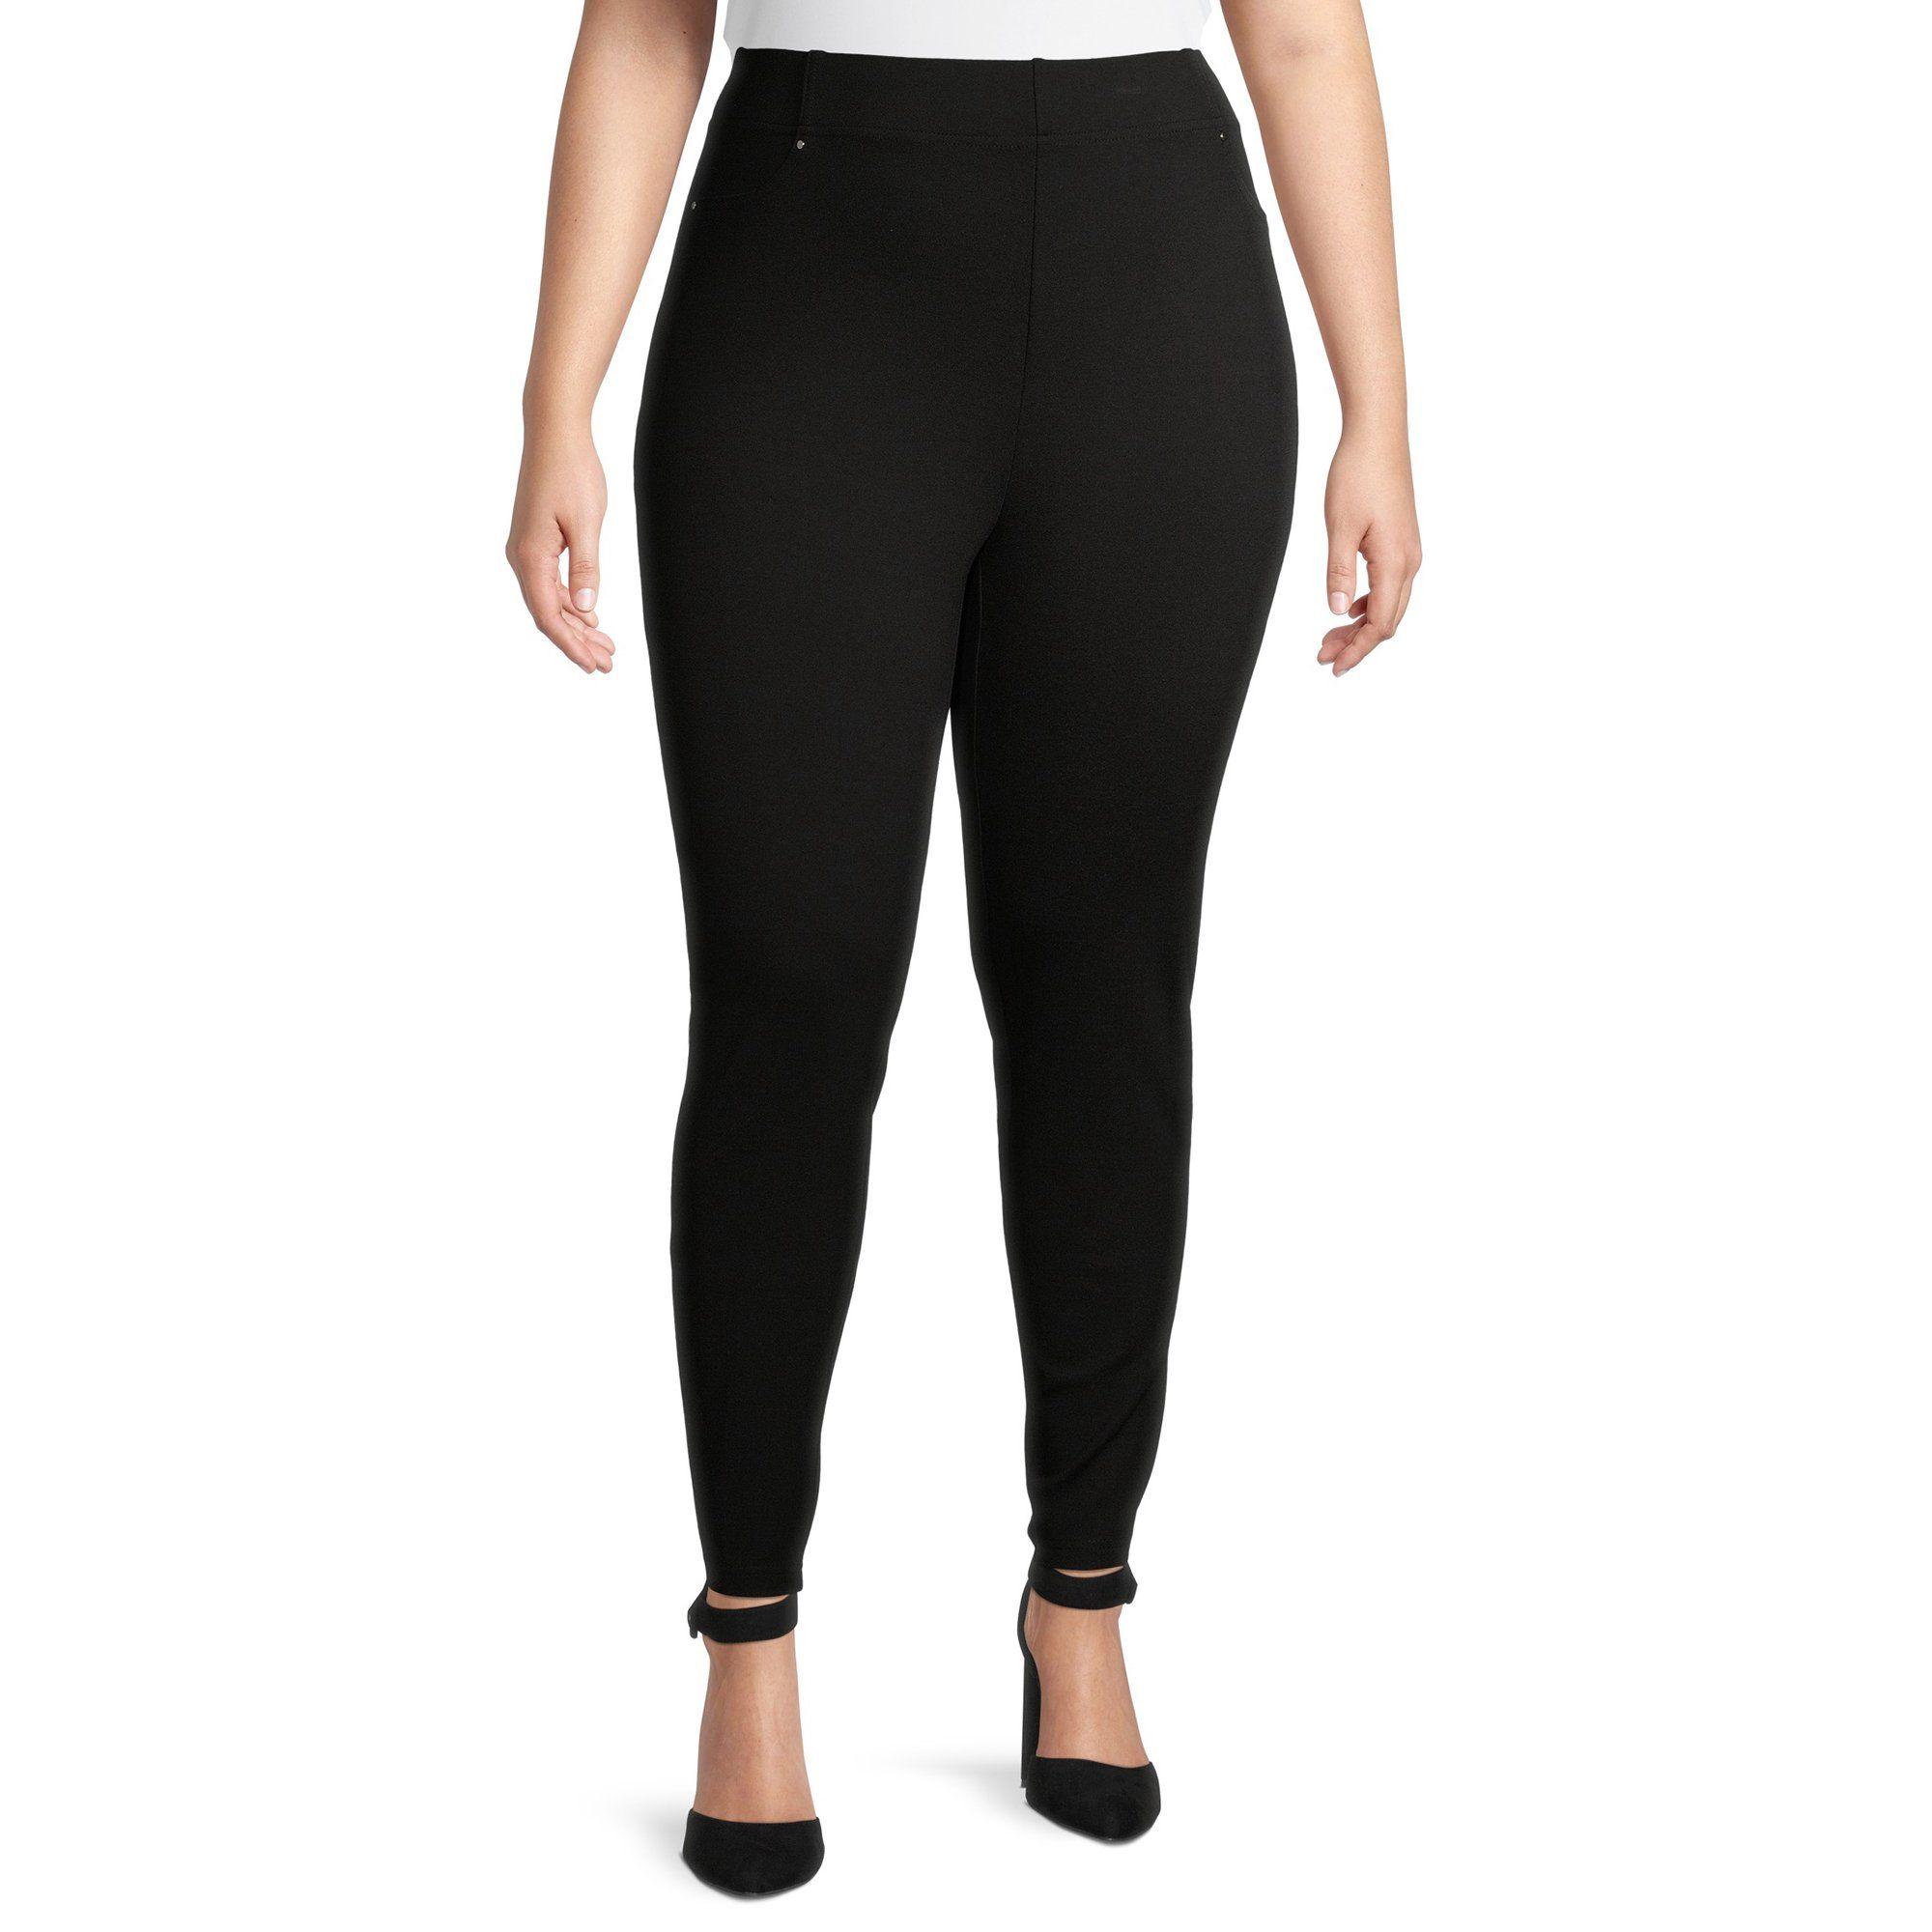 Counterparts Counterparts Women S Plus Size Pull On Solid Ponte Pants Walmart Com Ponte Pants Pants Plus Size [ 2000 x 2000 Pixel ]